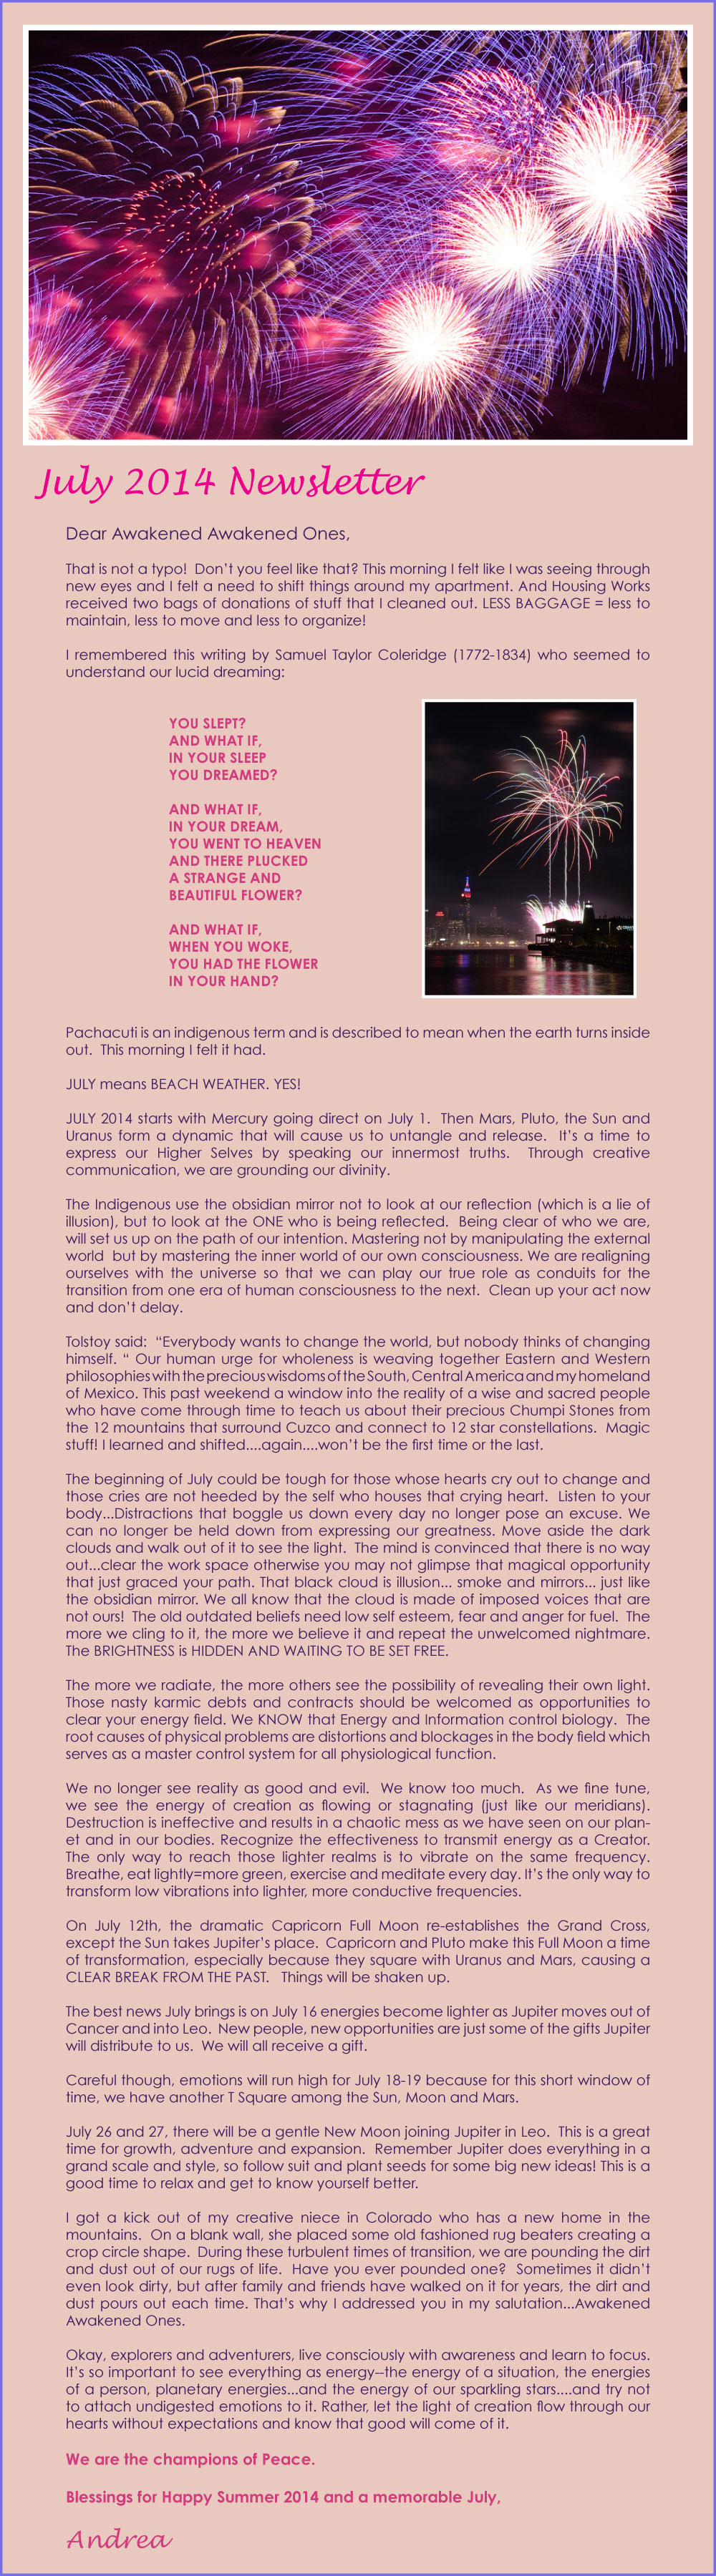 July-Newsletter-2014.jpg